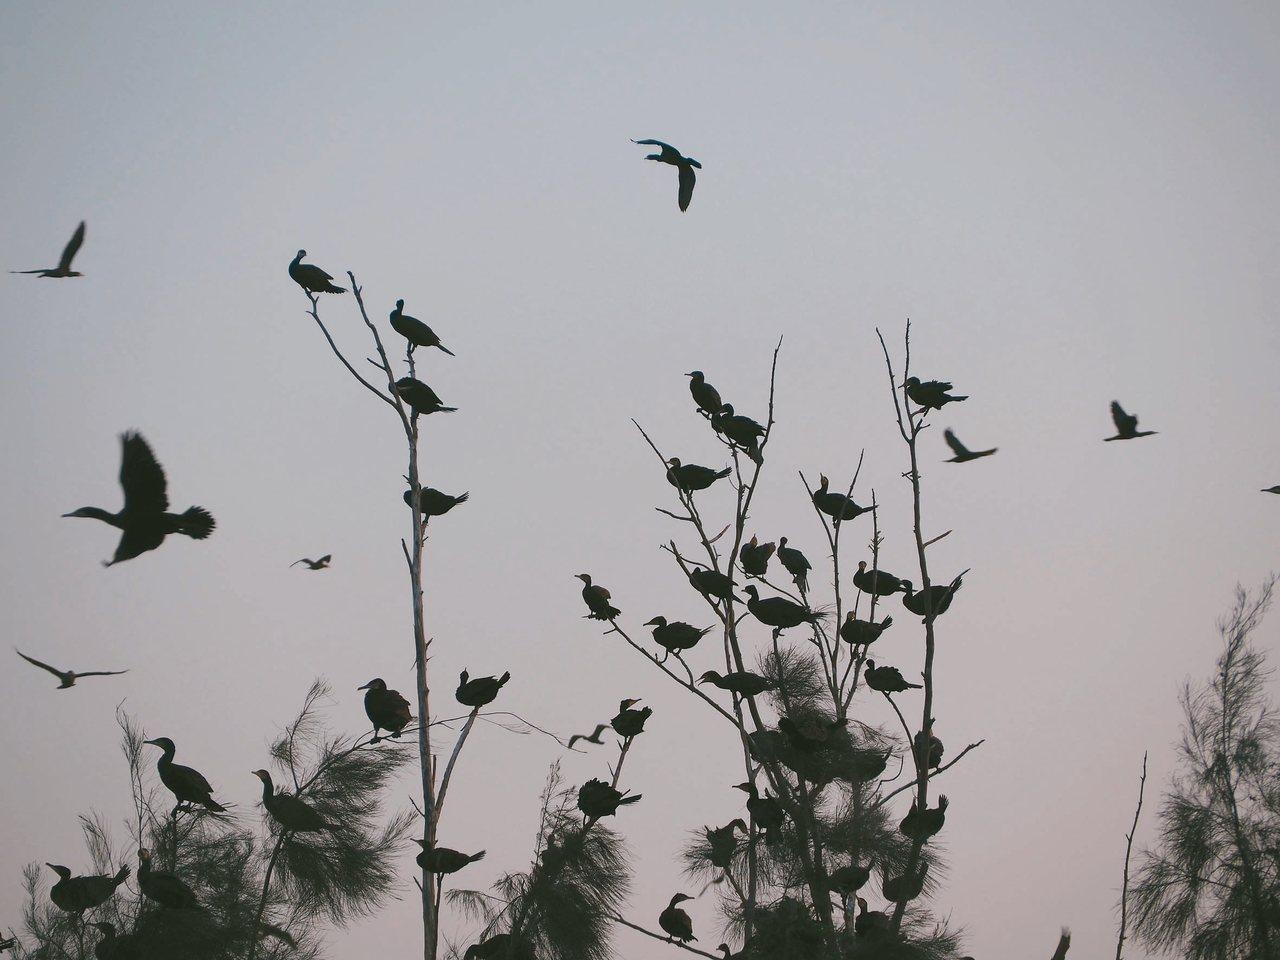 鸕鶿歸巢,秋冬是最佳賞鳥季。 記者羅建怡/攝影